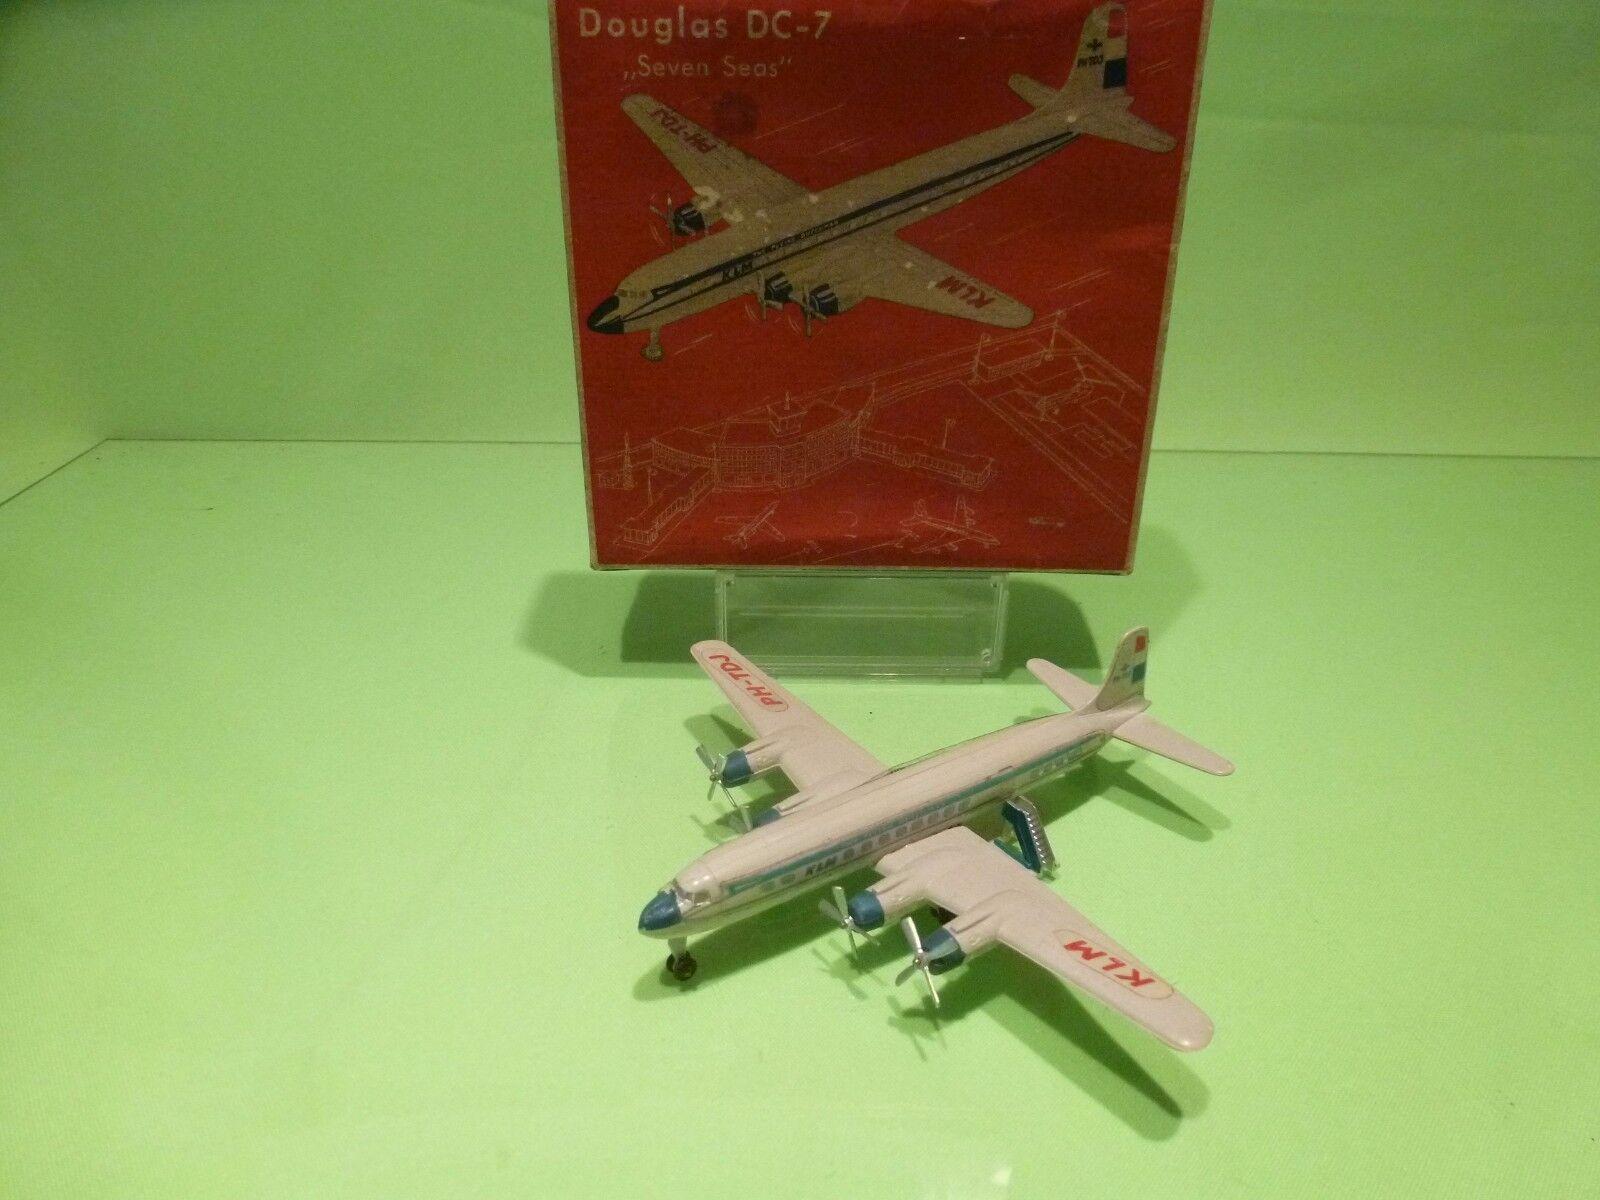 SIKU PLASTIC F9b FLUGZEUG - DOUGLAS DC-7 DC7  KLM - 1 250 - GOOD IN BOX - PLASTIK  gros pas cher et de haute qualité